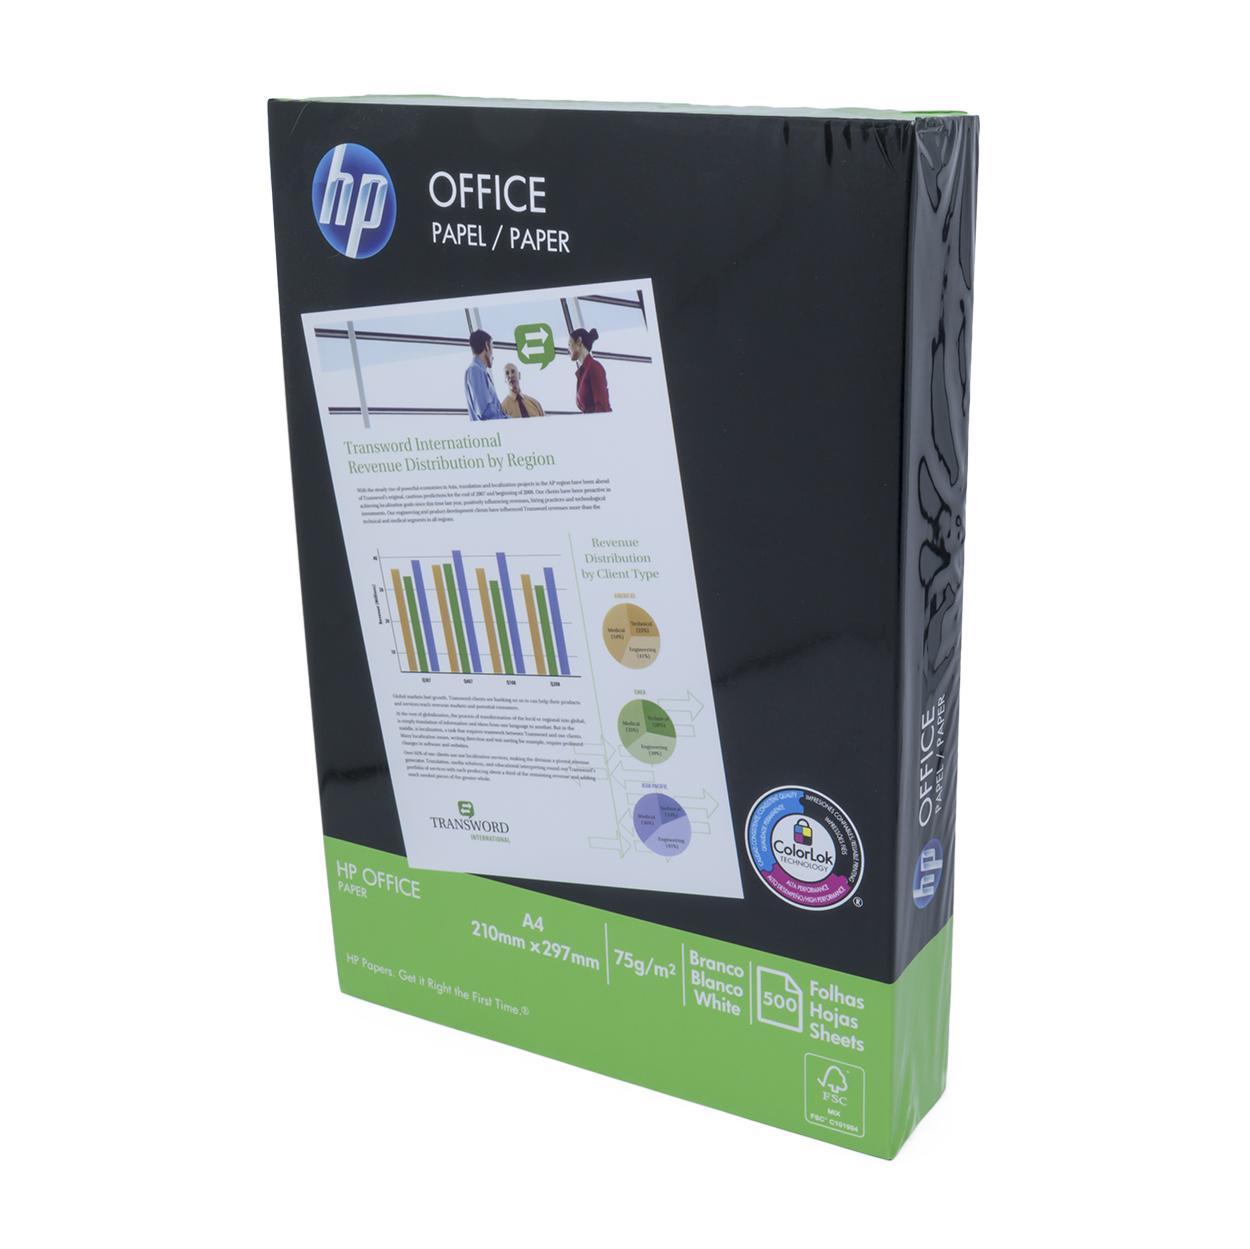 Papel Sulfite A4 Branco | HP ColorLolk 75g - Resma 500 Folhas (Excelente Qualidade)